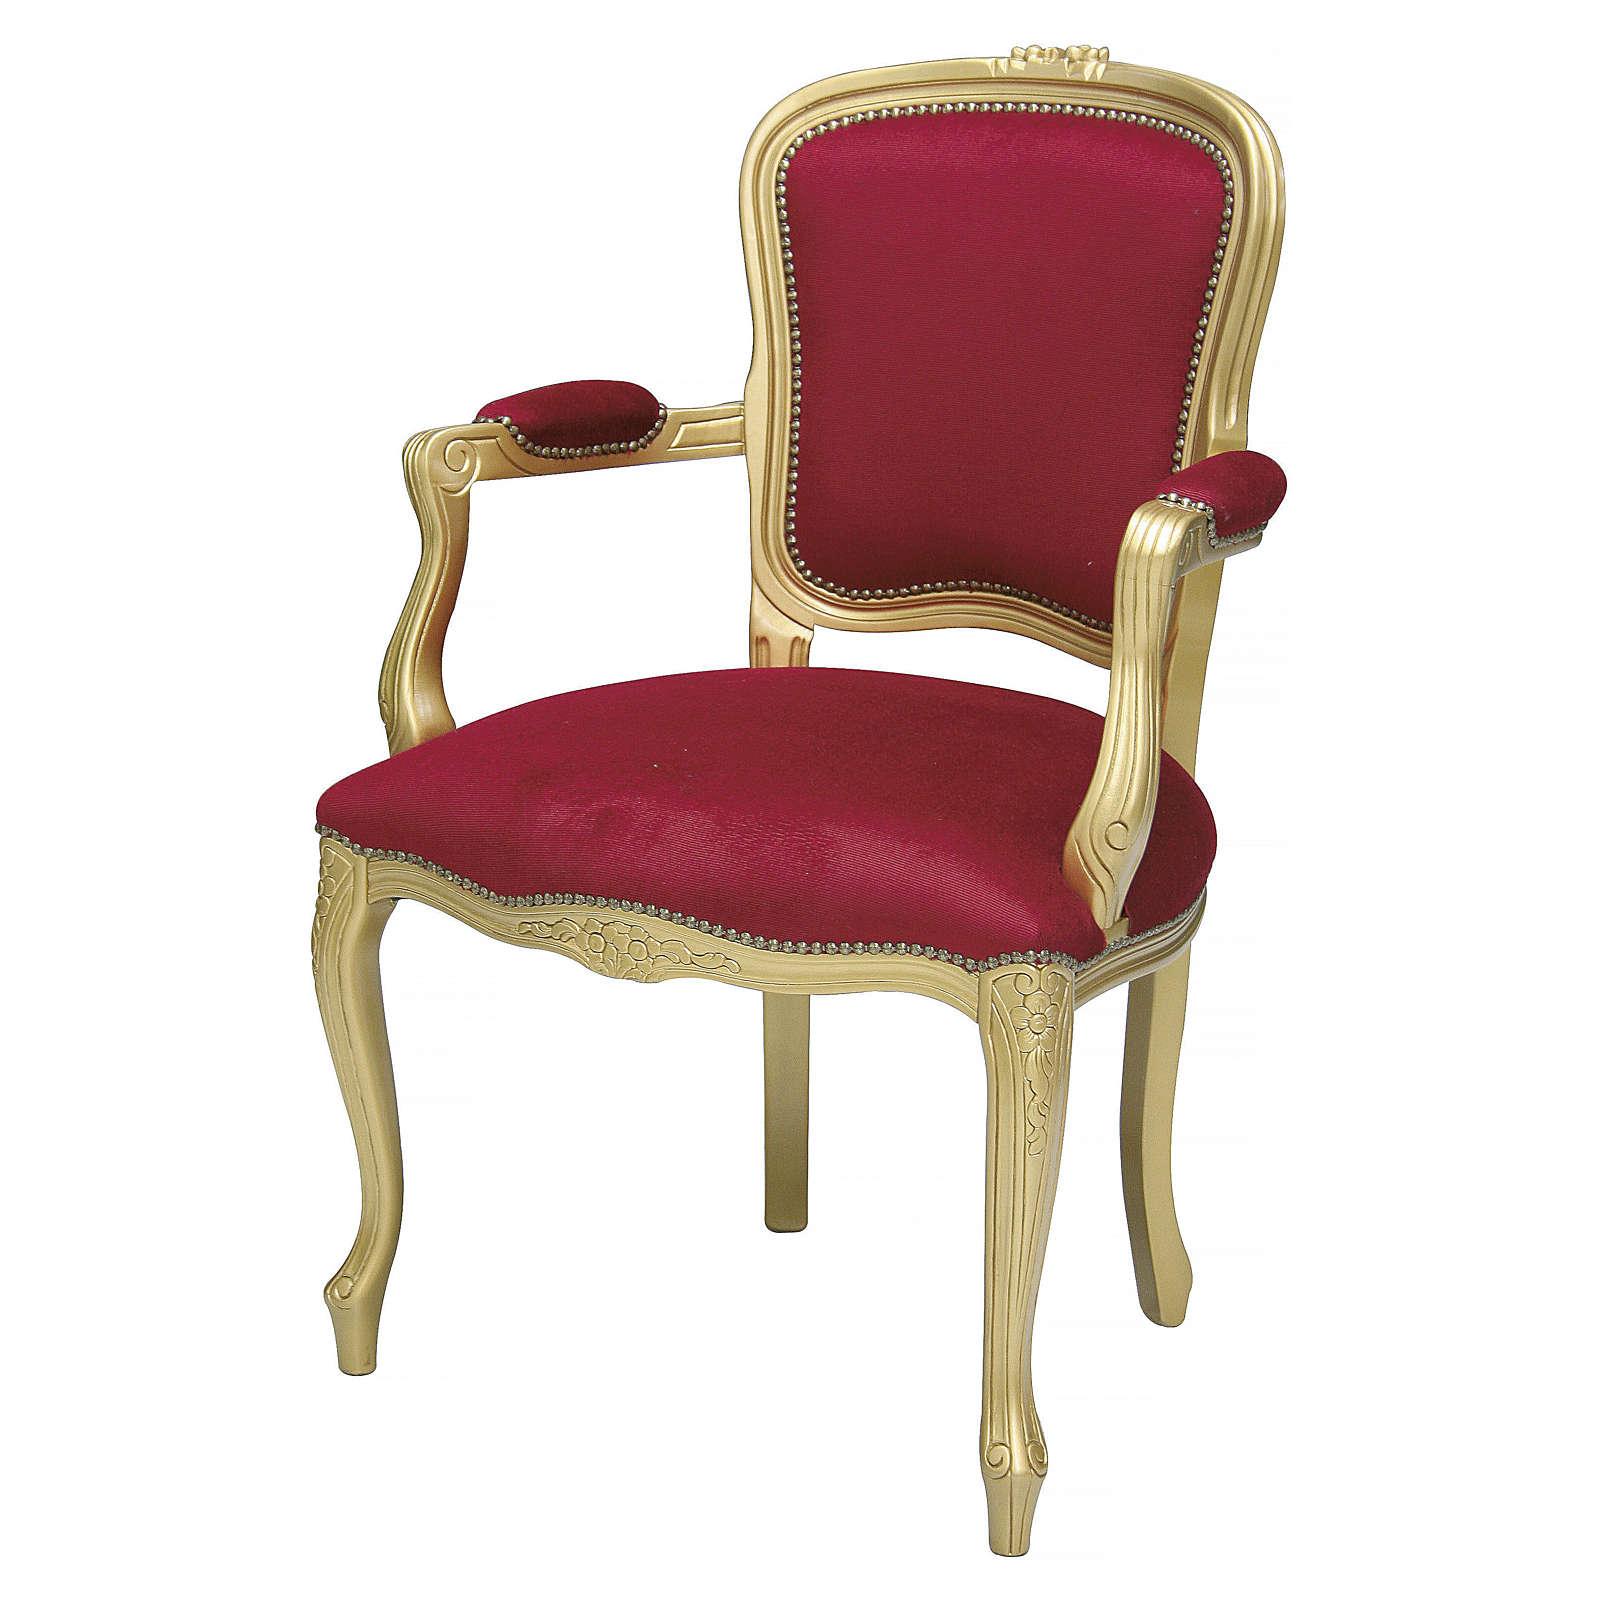 Poltrona legno noce barocca color oro velluto rosso 4